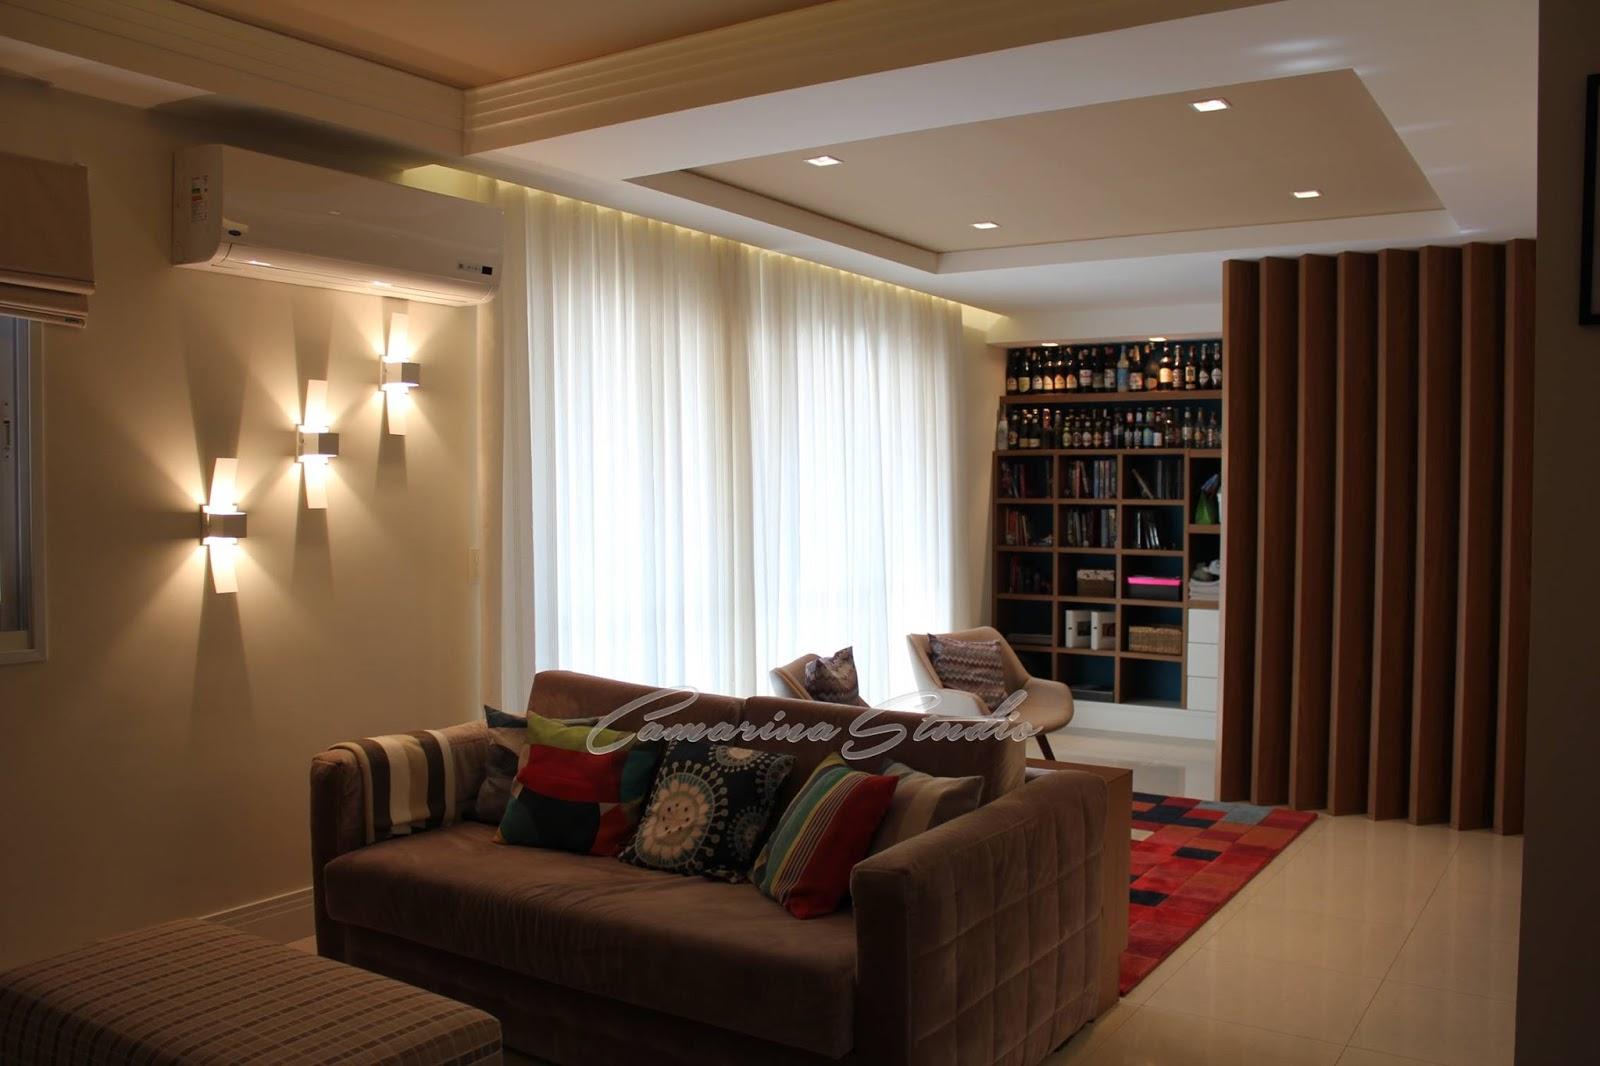 Sala De Jantar Integrada ~ Ao lado da sala de jantar, fica integrada também a charmosa cozinha